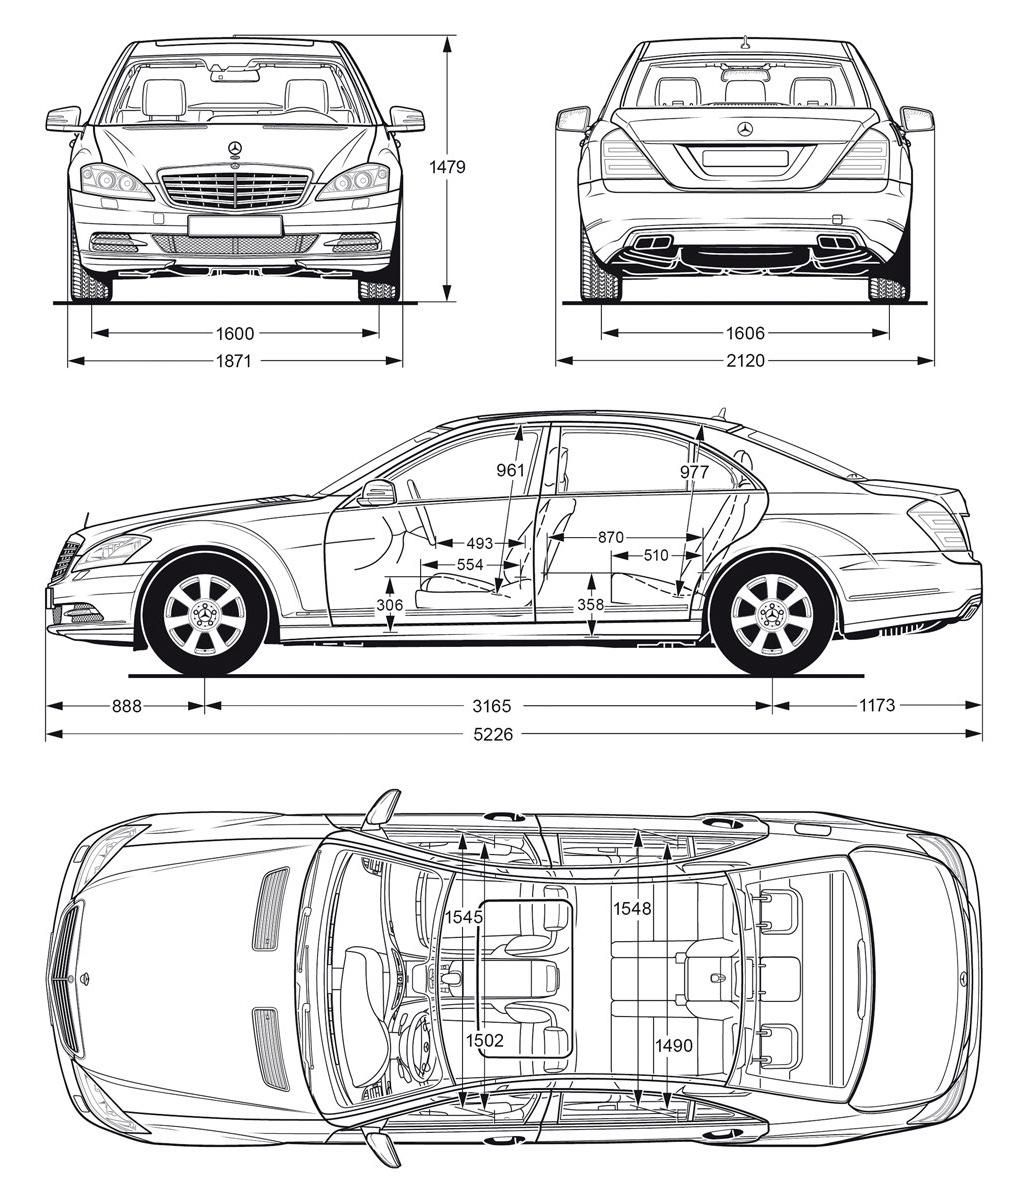 car blueprints and free 3d models august 2011. Black Bedroom Furniture Sets. Home Design Ideas